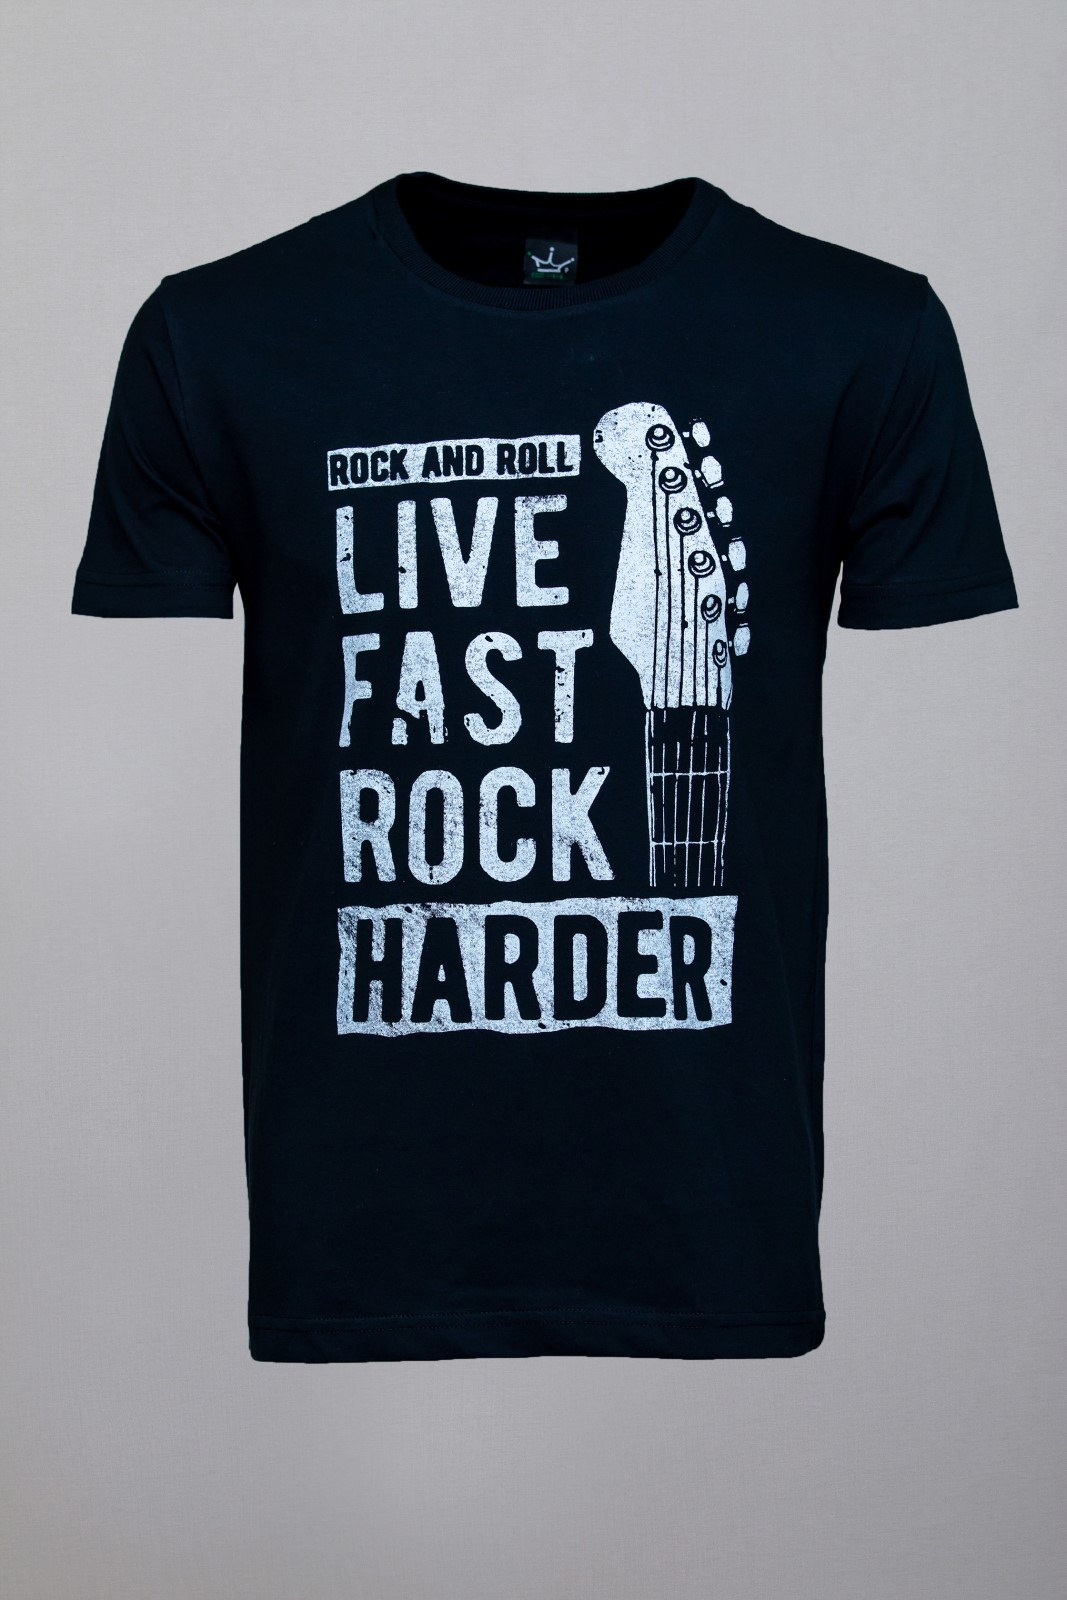 Camiseta CoolWave Live, Fast, Rock, Harder